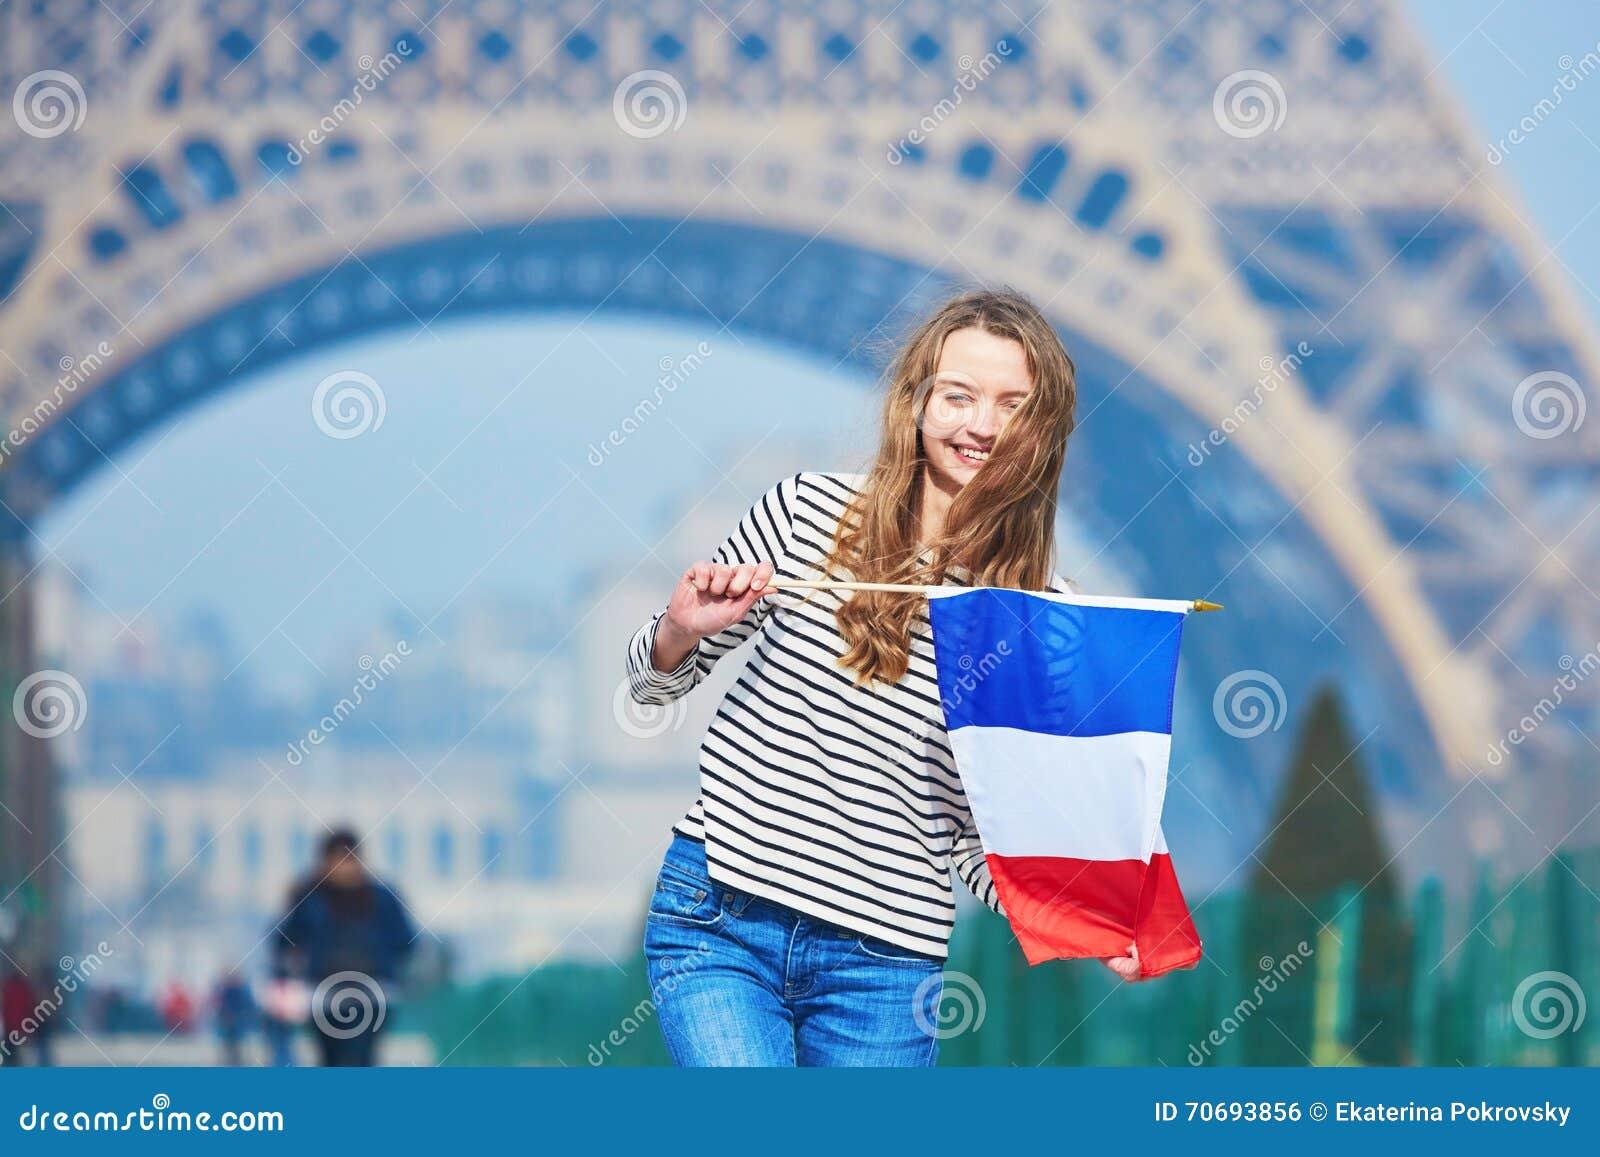 Красивая маленькая девочка с французским национальным флагом